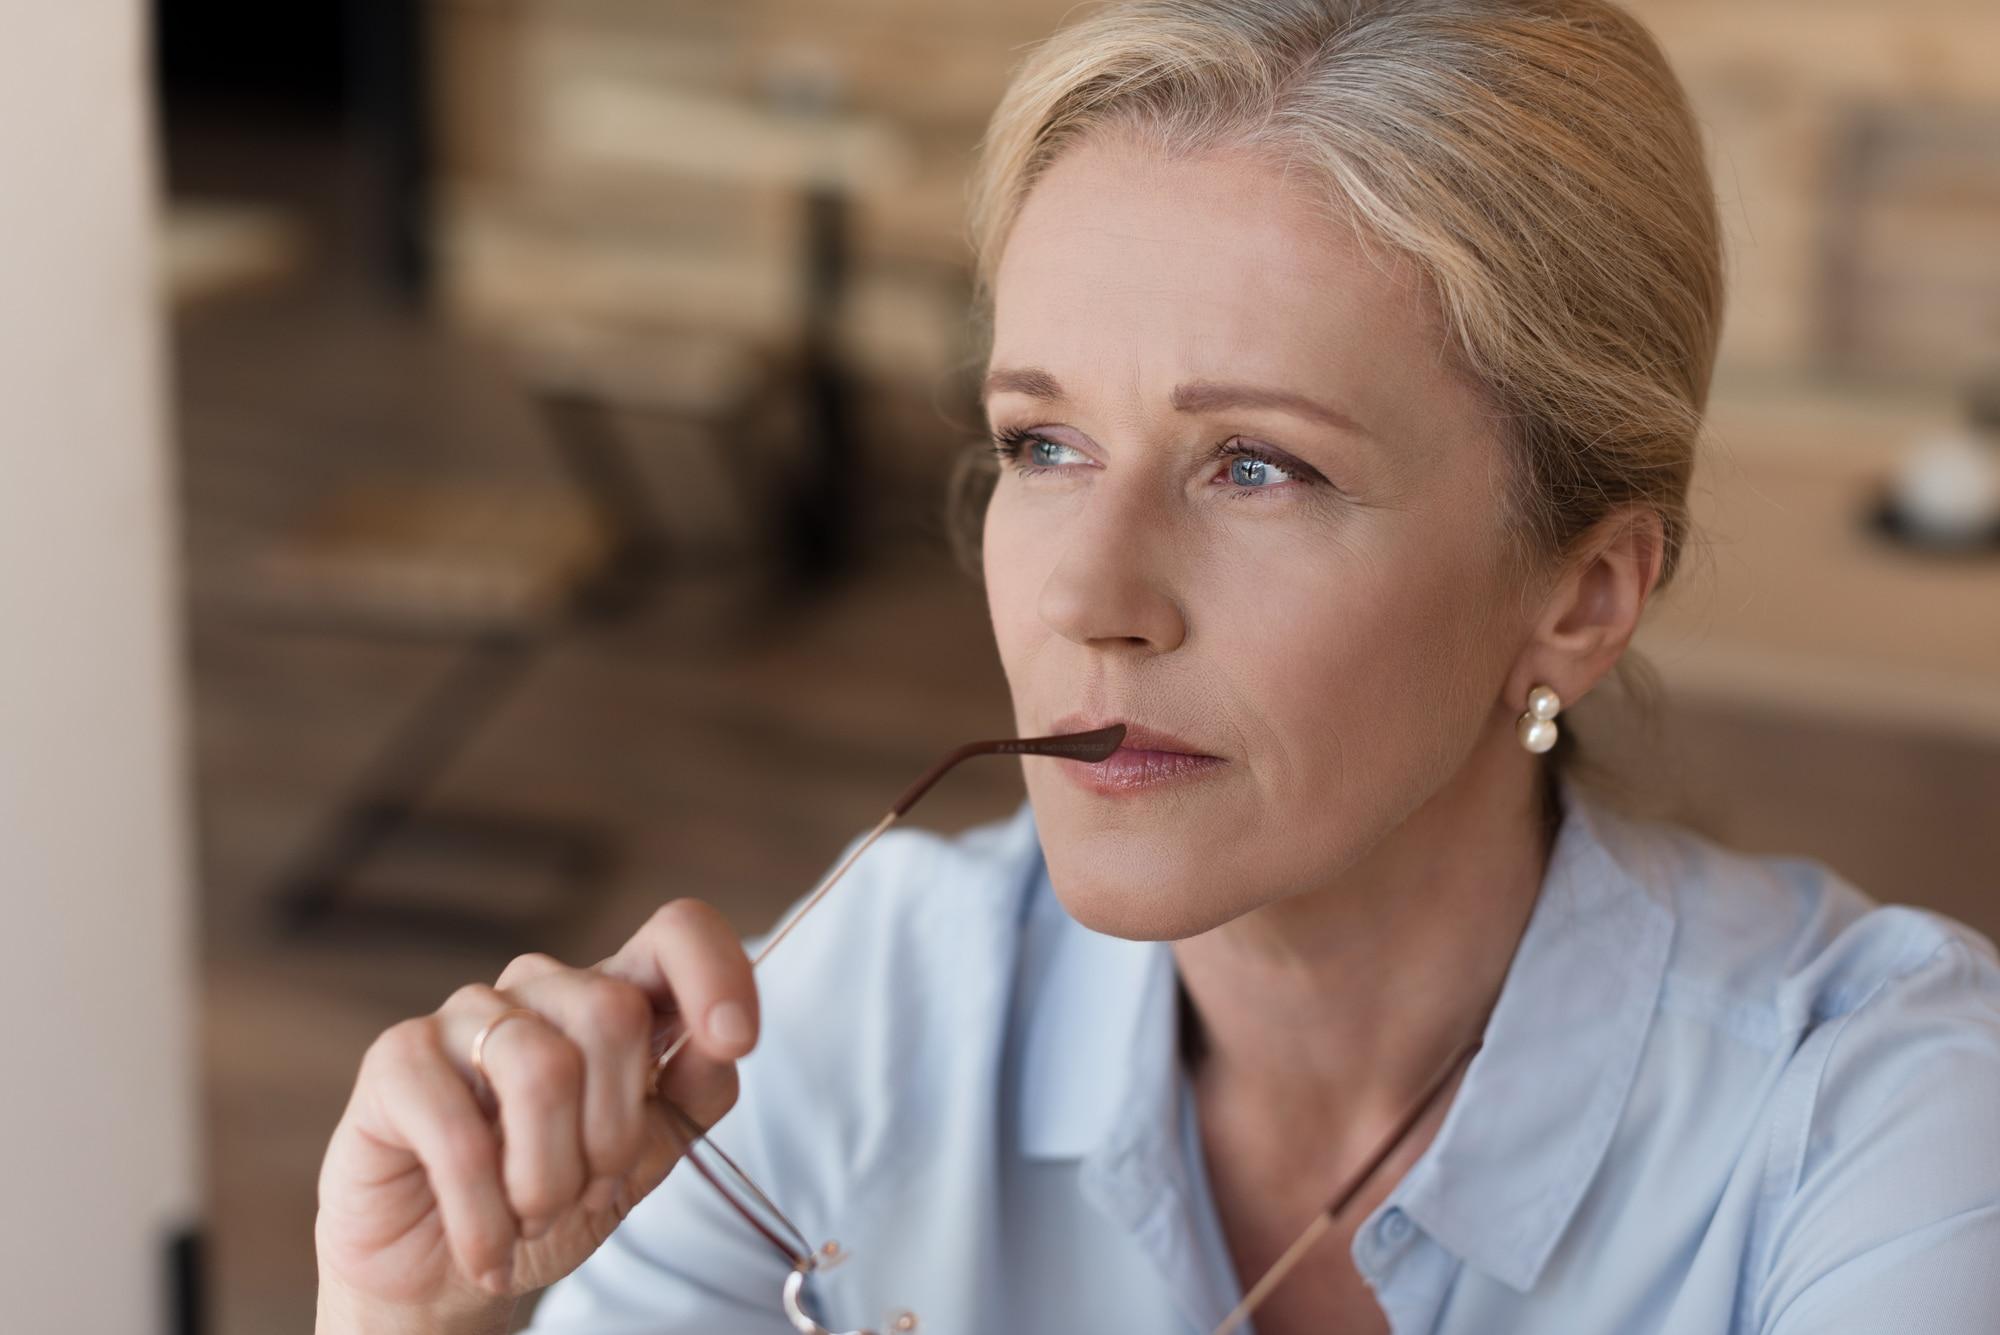 hogyan lehet erekciót erősíteni 50 évesen